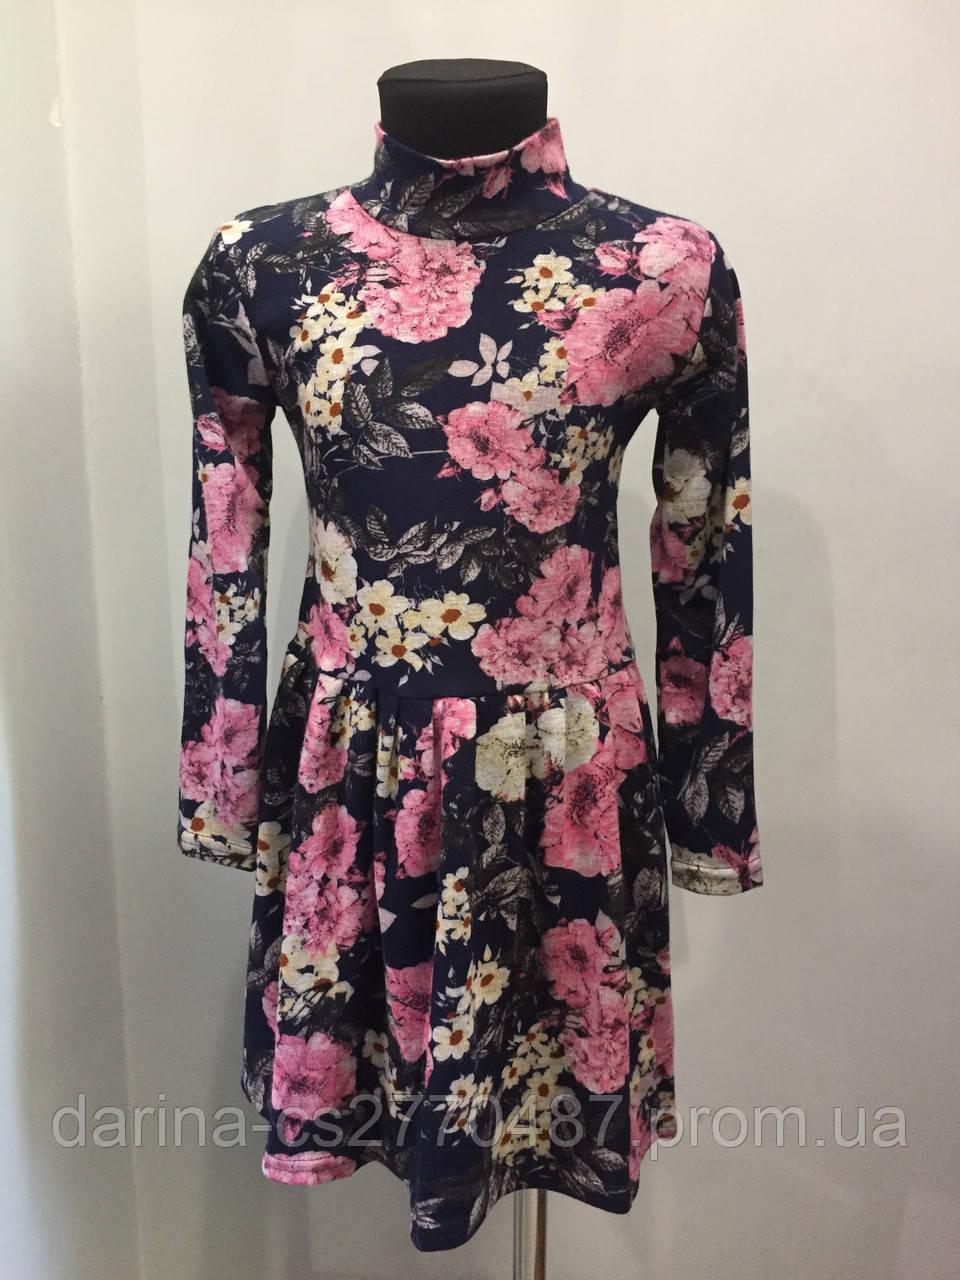 Платье для девочки с цветами 104,116,122 см